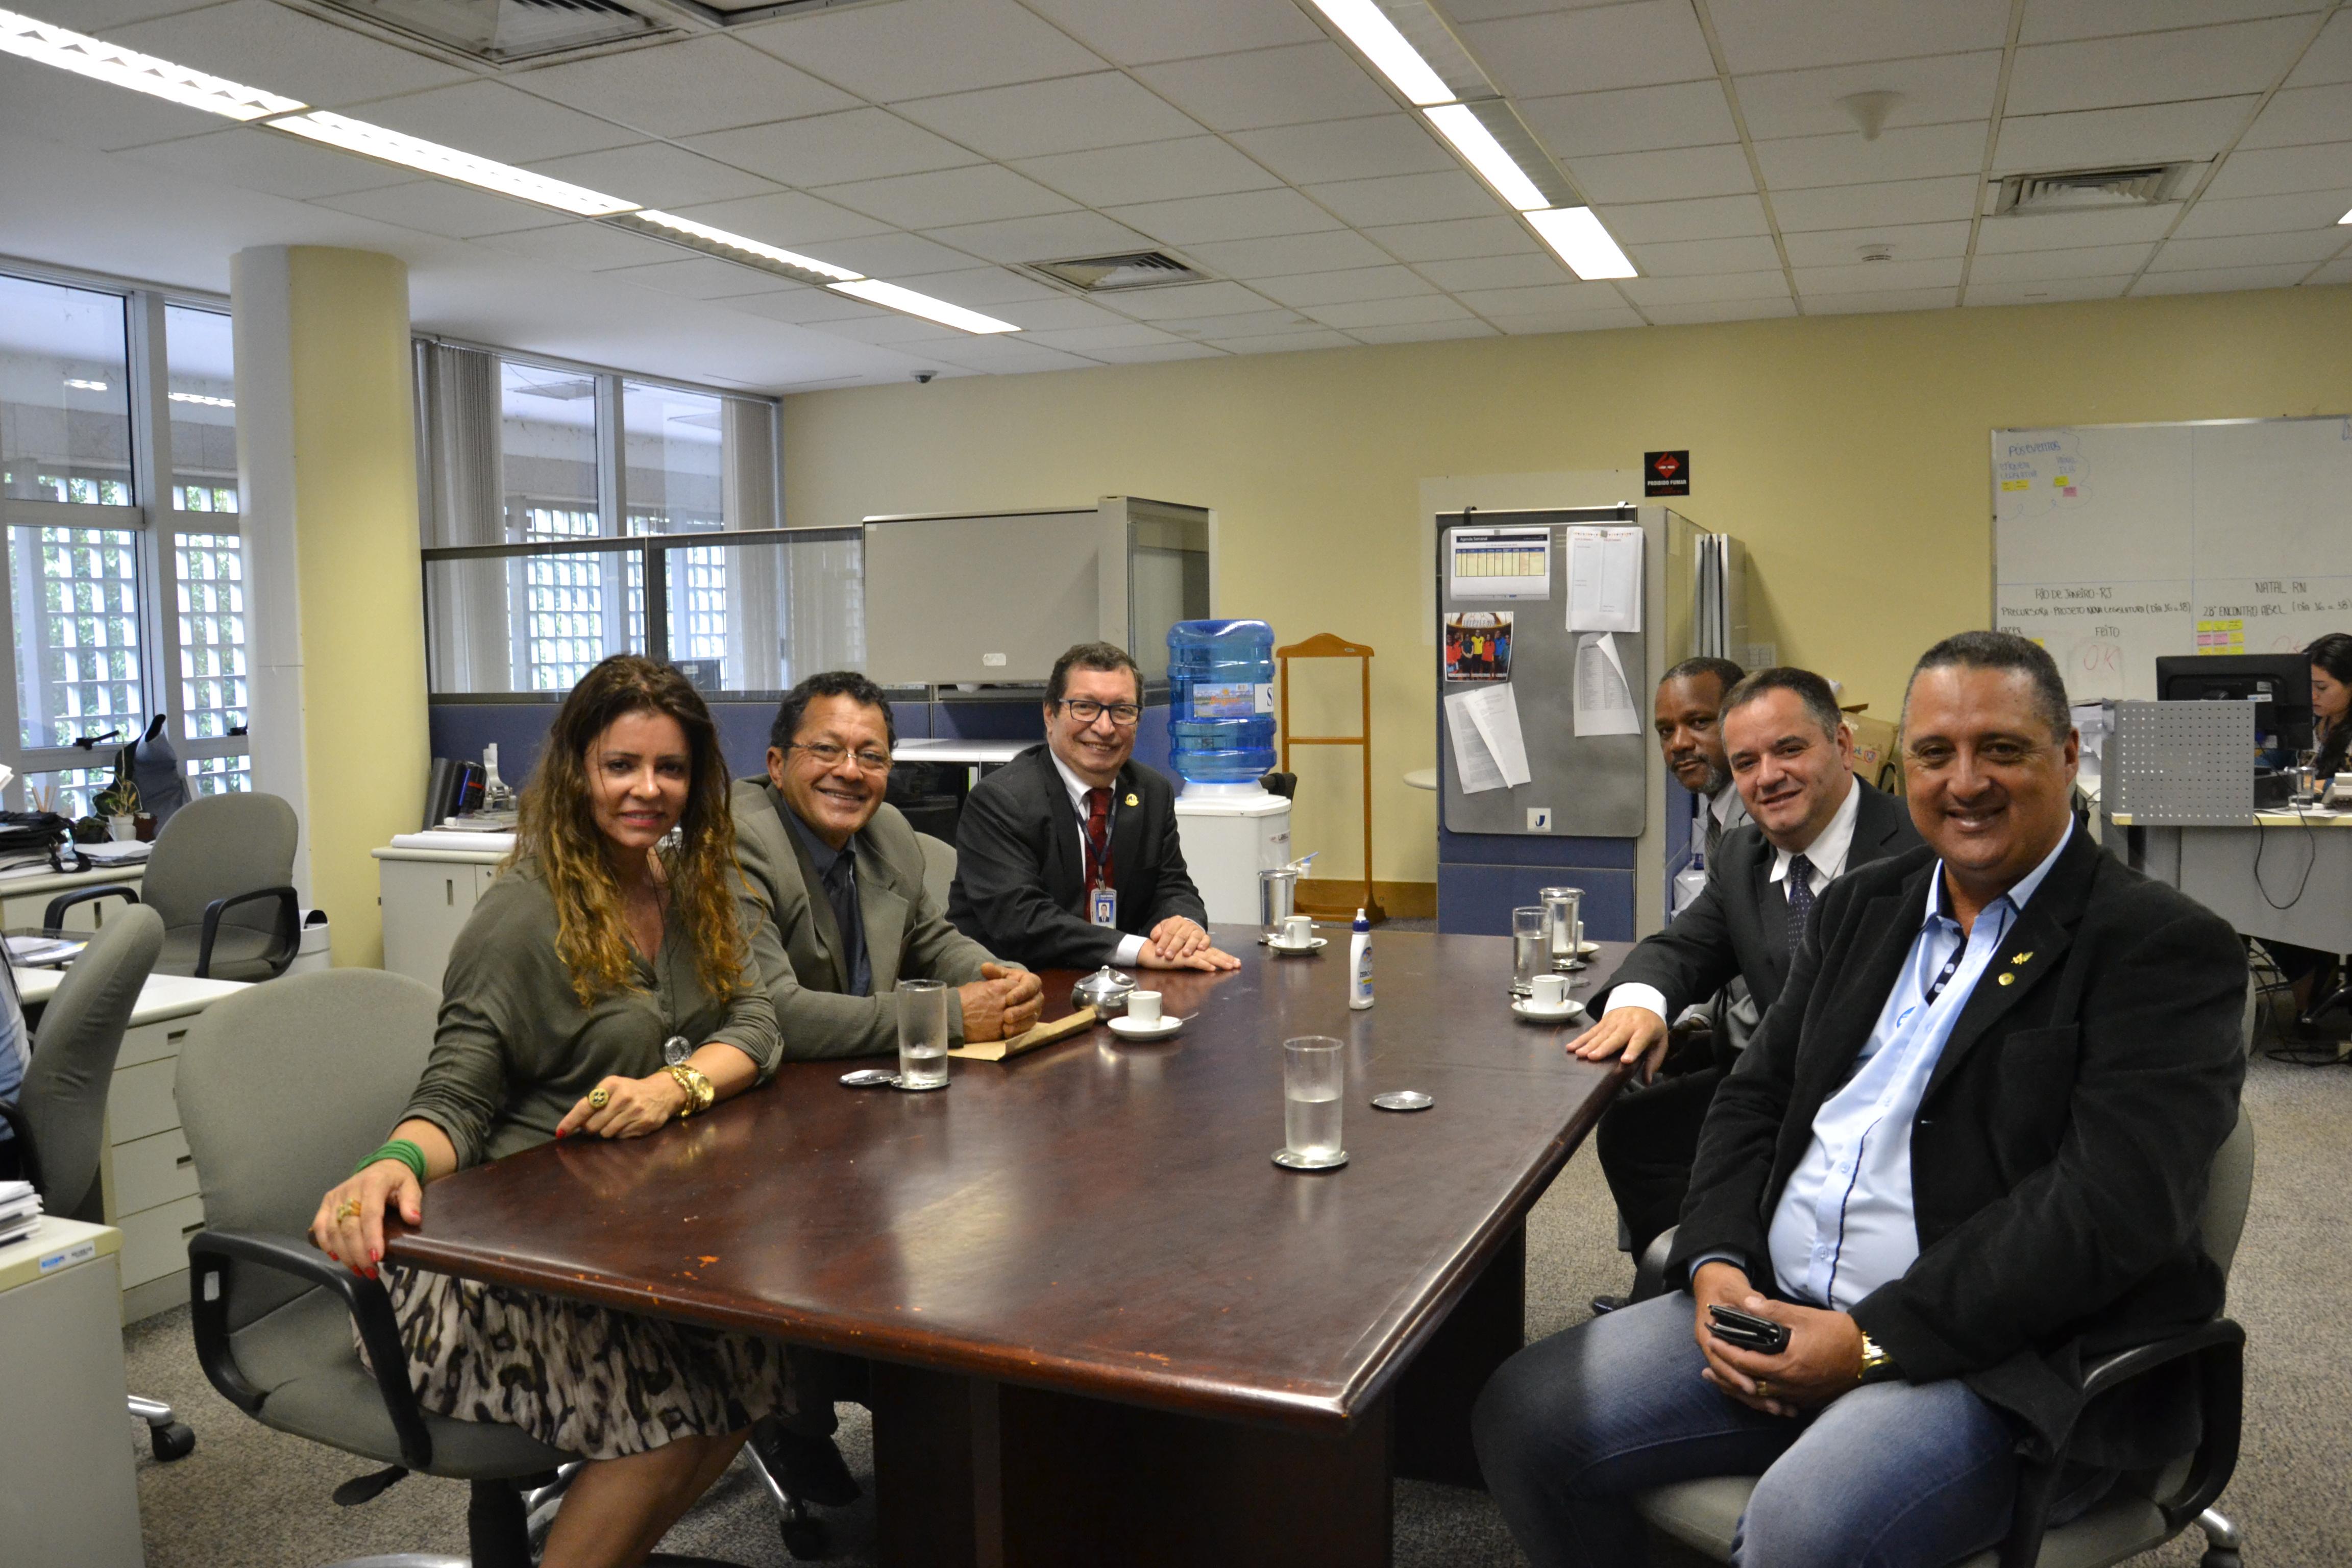 Presidente da Câmara Municipal de Tiradentes (MG) quer repetir Encontro Interlegis